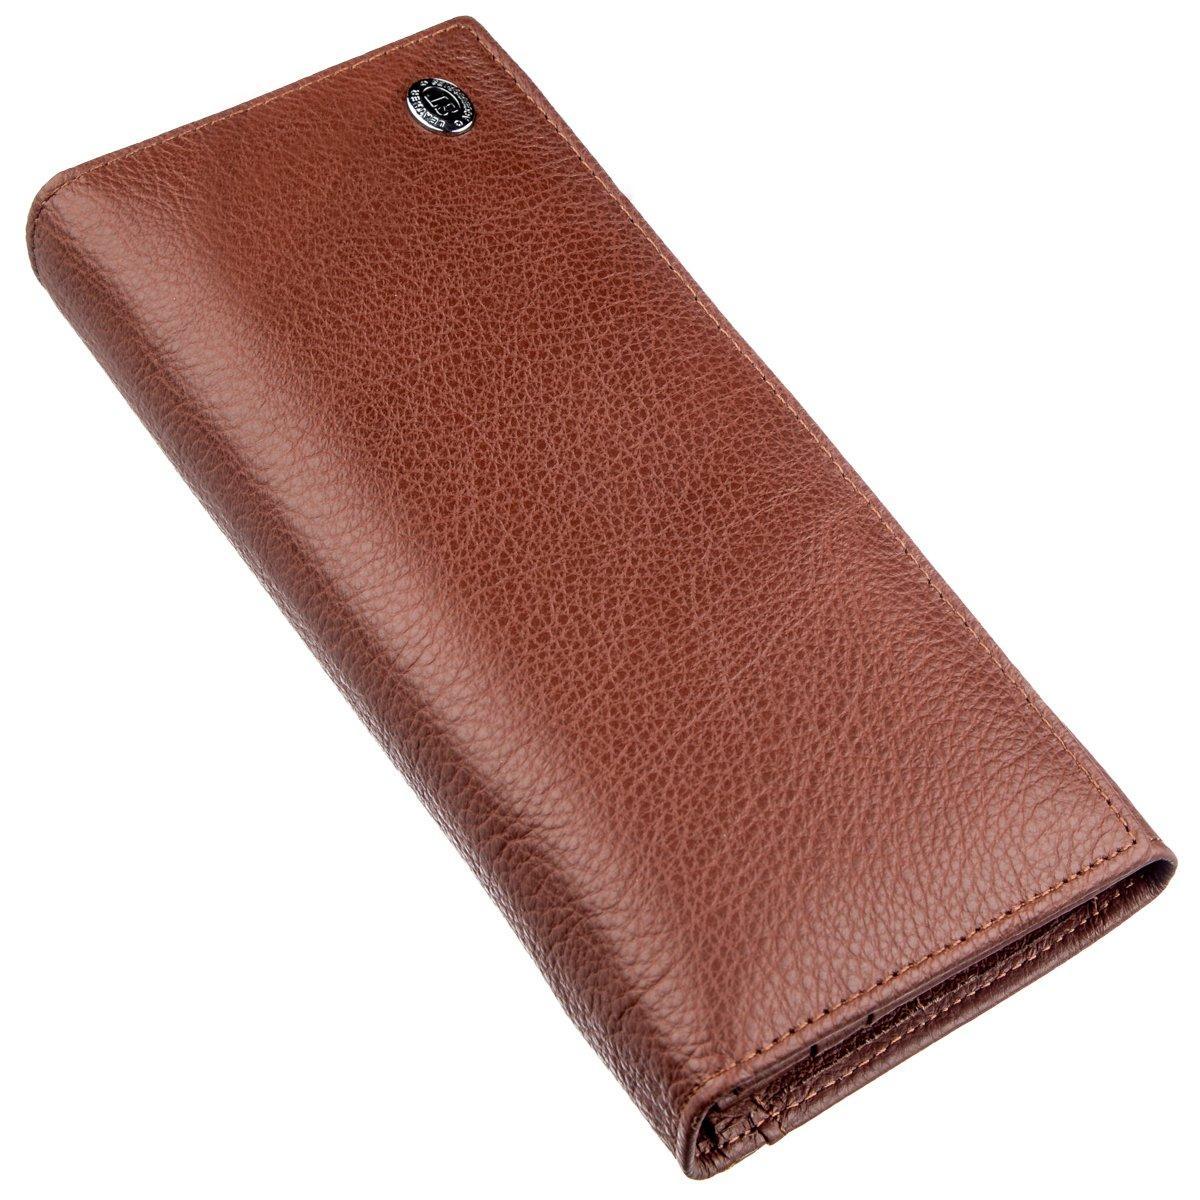 Универсальный кошелек для женщин ST Leather 18873 Коричневый